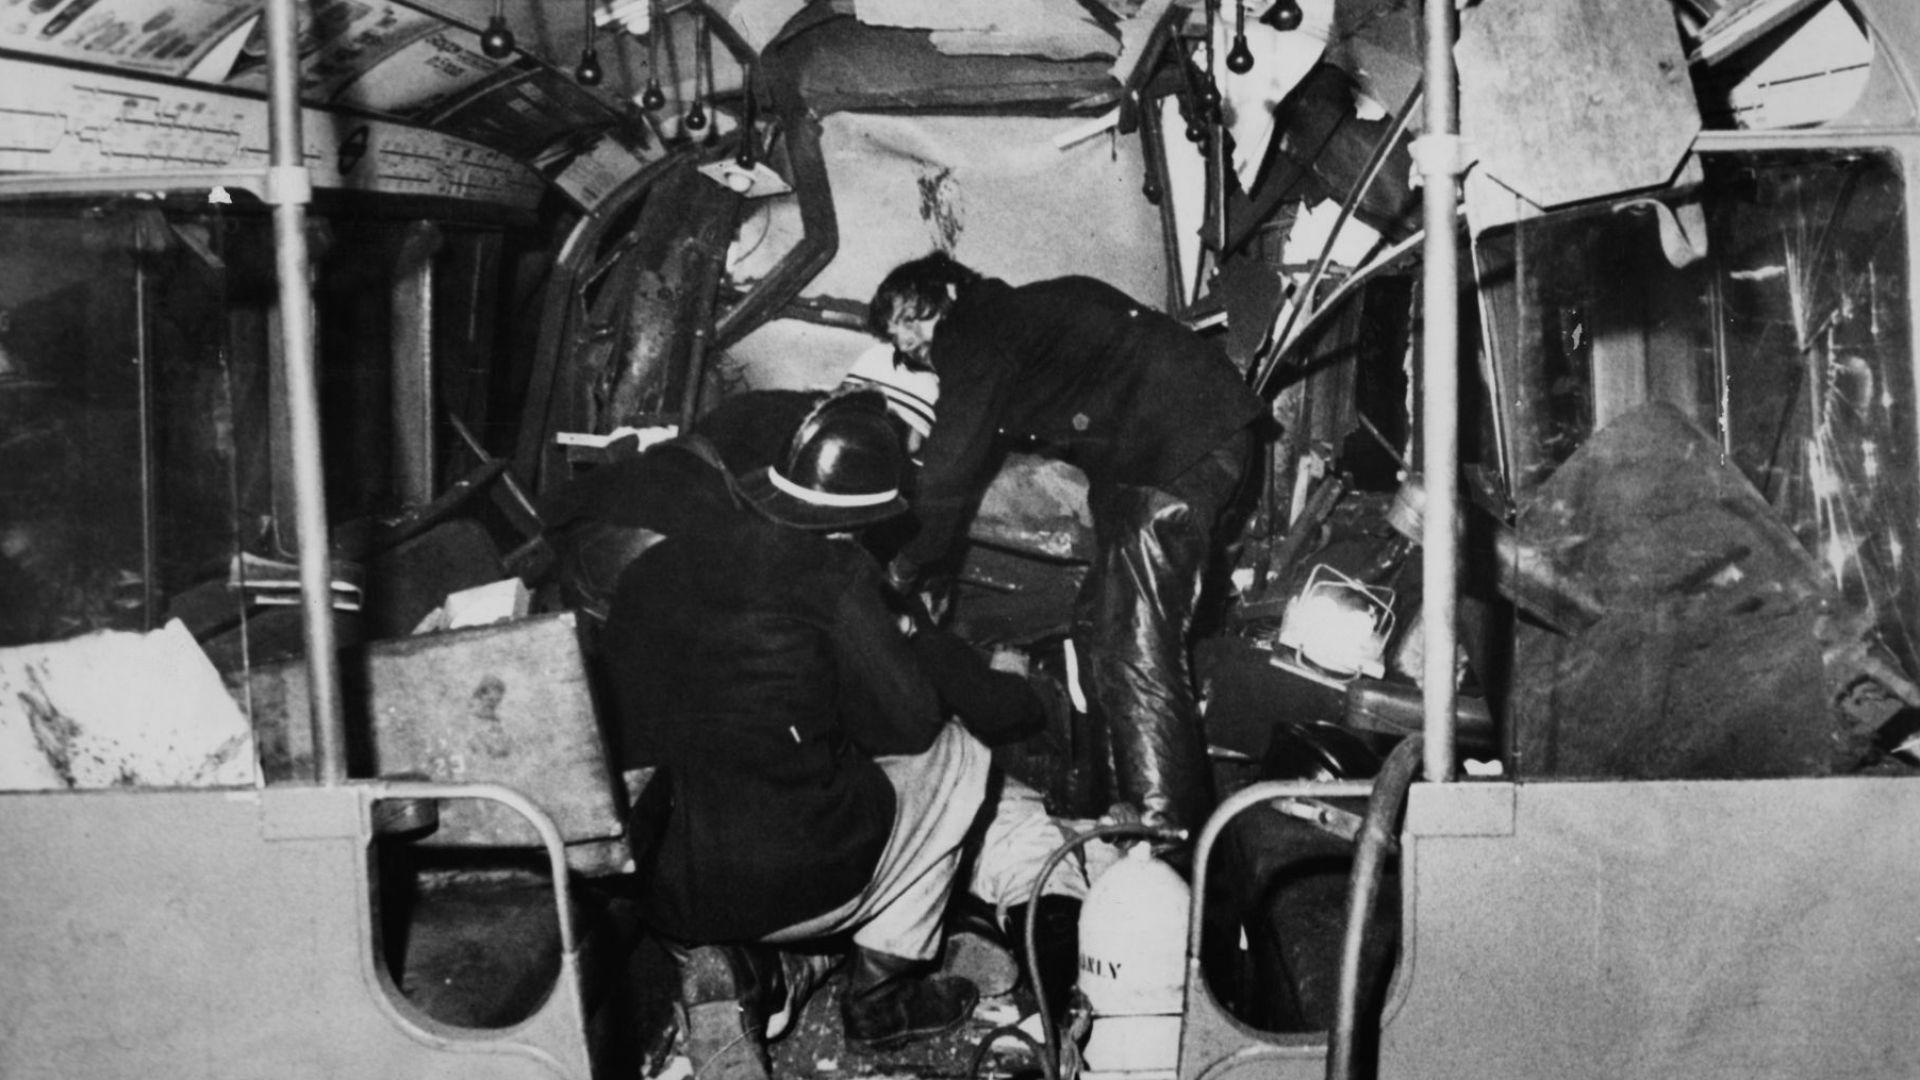 43 жертви: Най-страшната катастрофа в лондонското метро. Самоубил ли сe е машинистът?